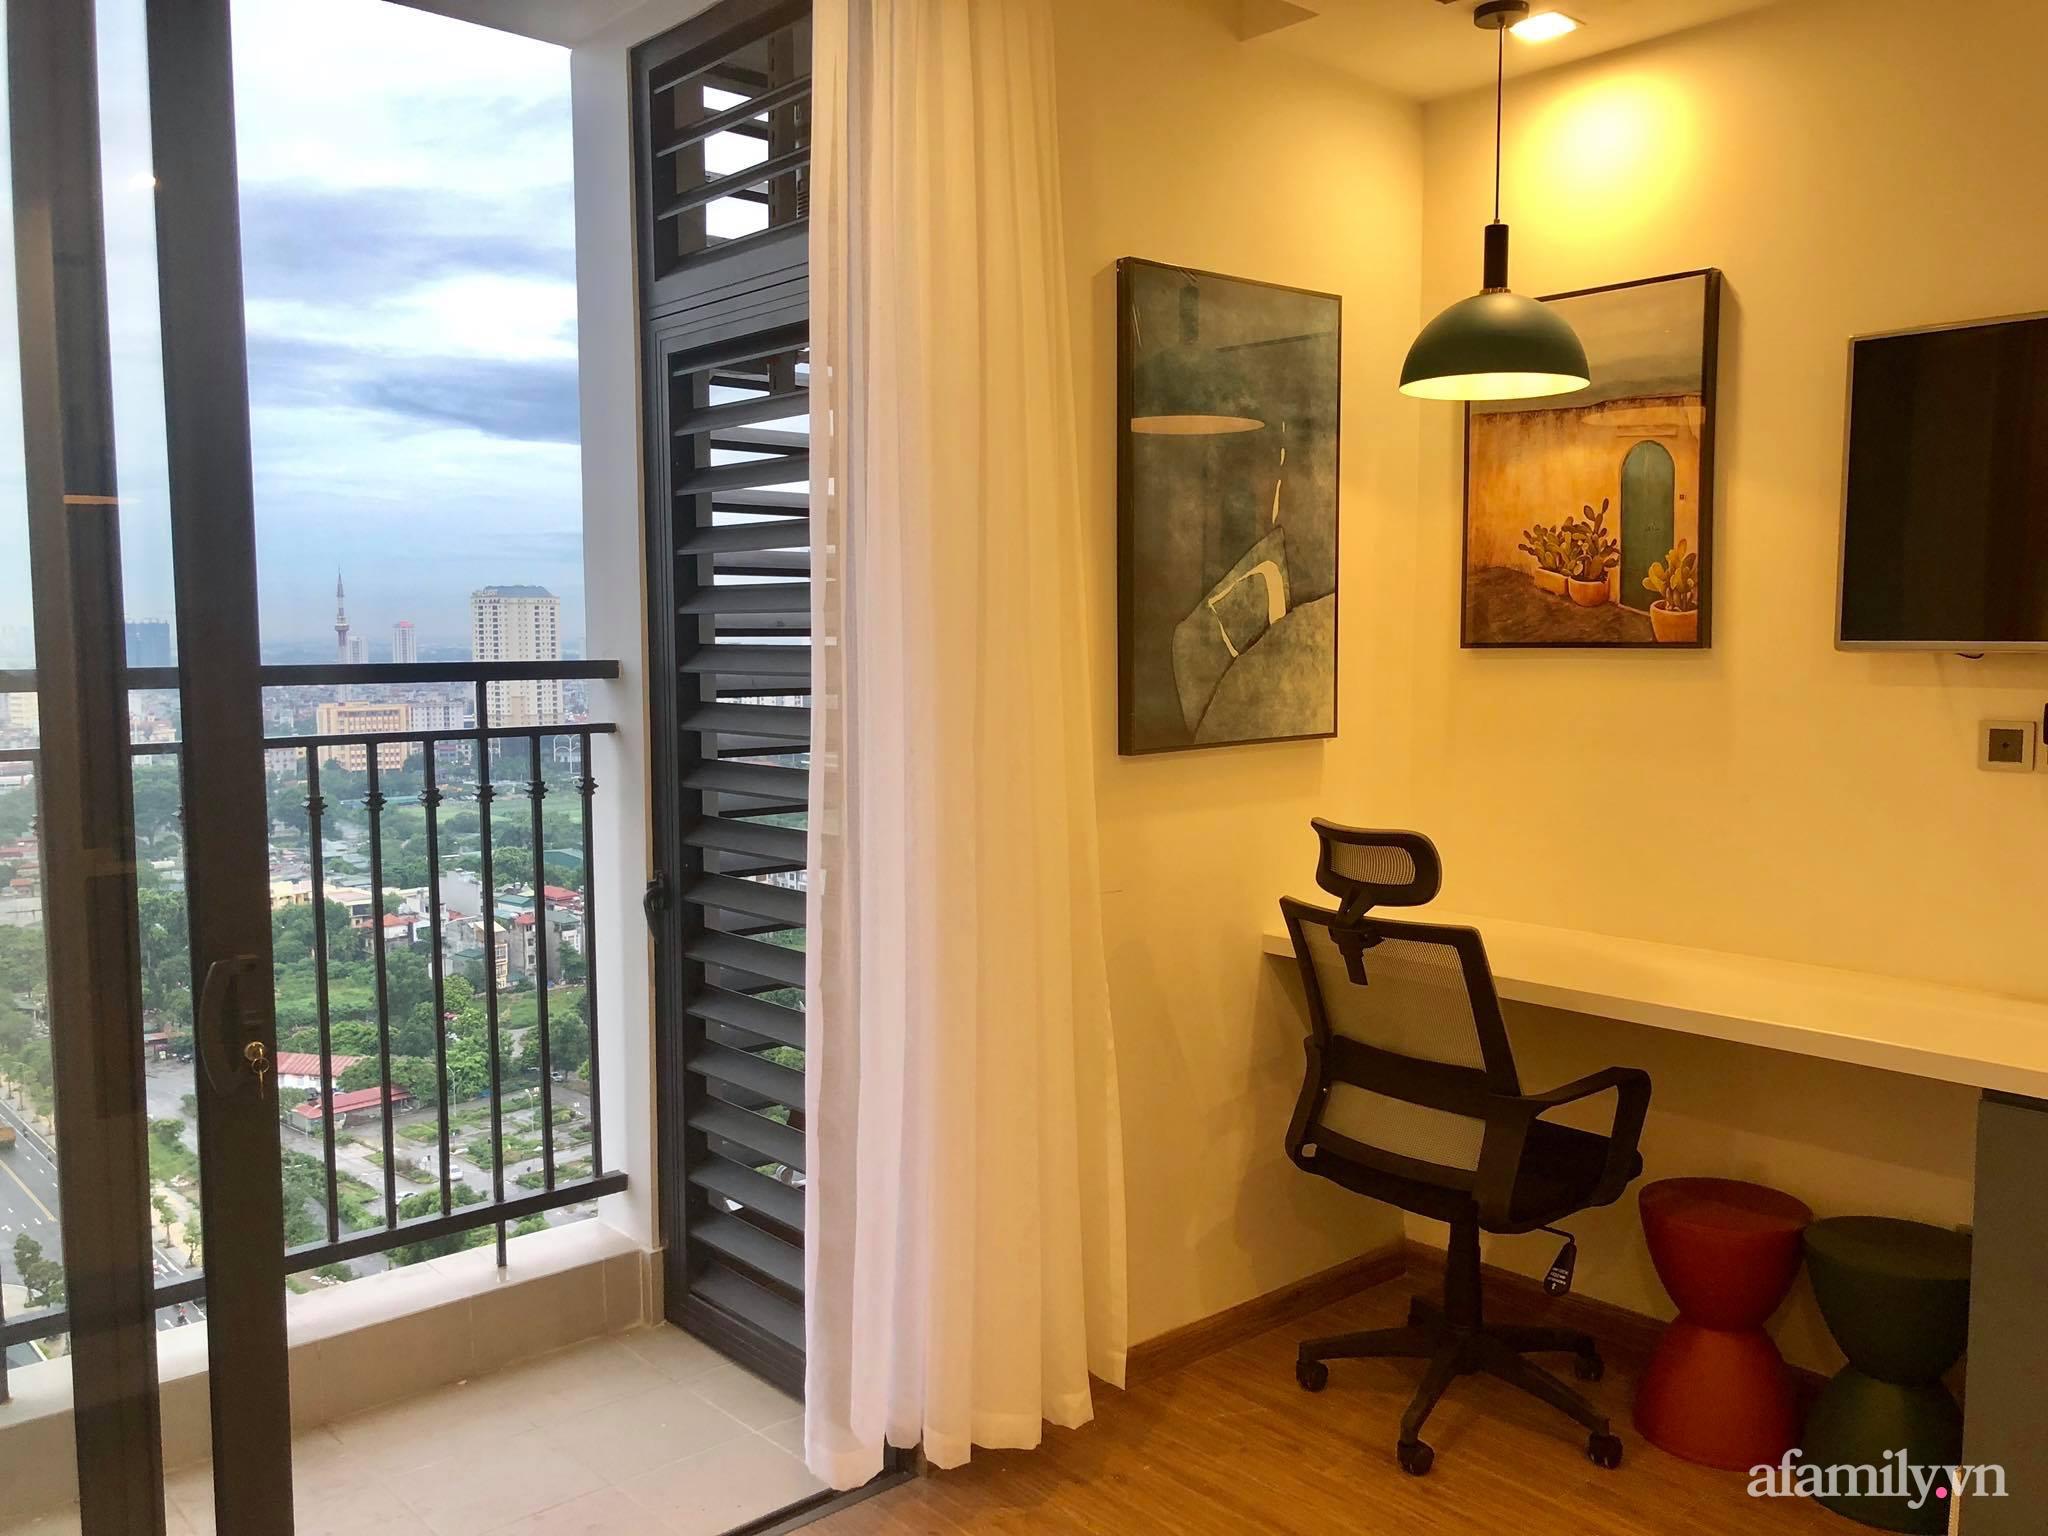 Căn hộ 28m² đẹp từng centimet với cách lựa chọn nội thất thông minh, hiện đại có chi phí hoàn thiện 100 triệu đồng ở Hà Nội - Ảnh 2.